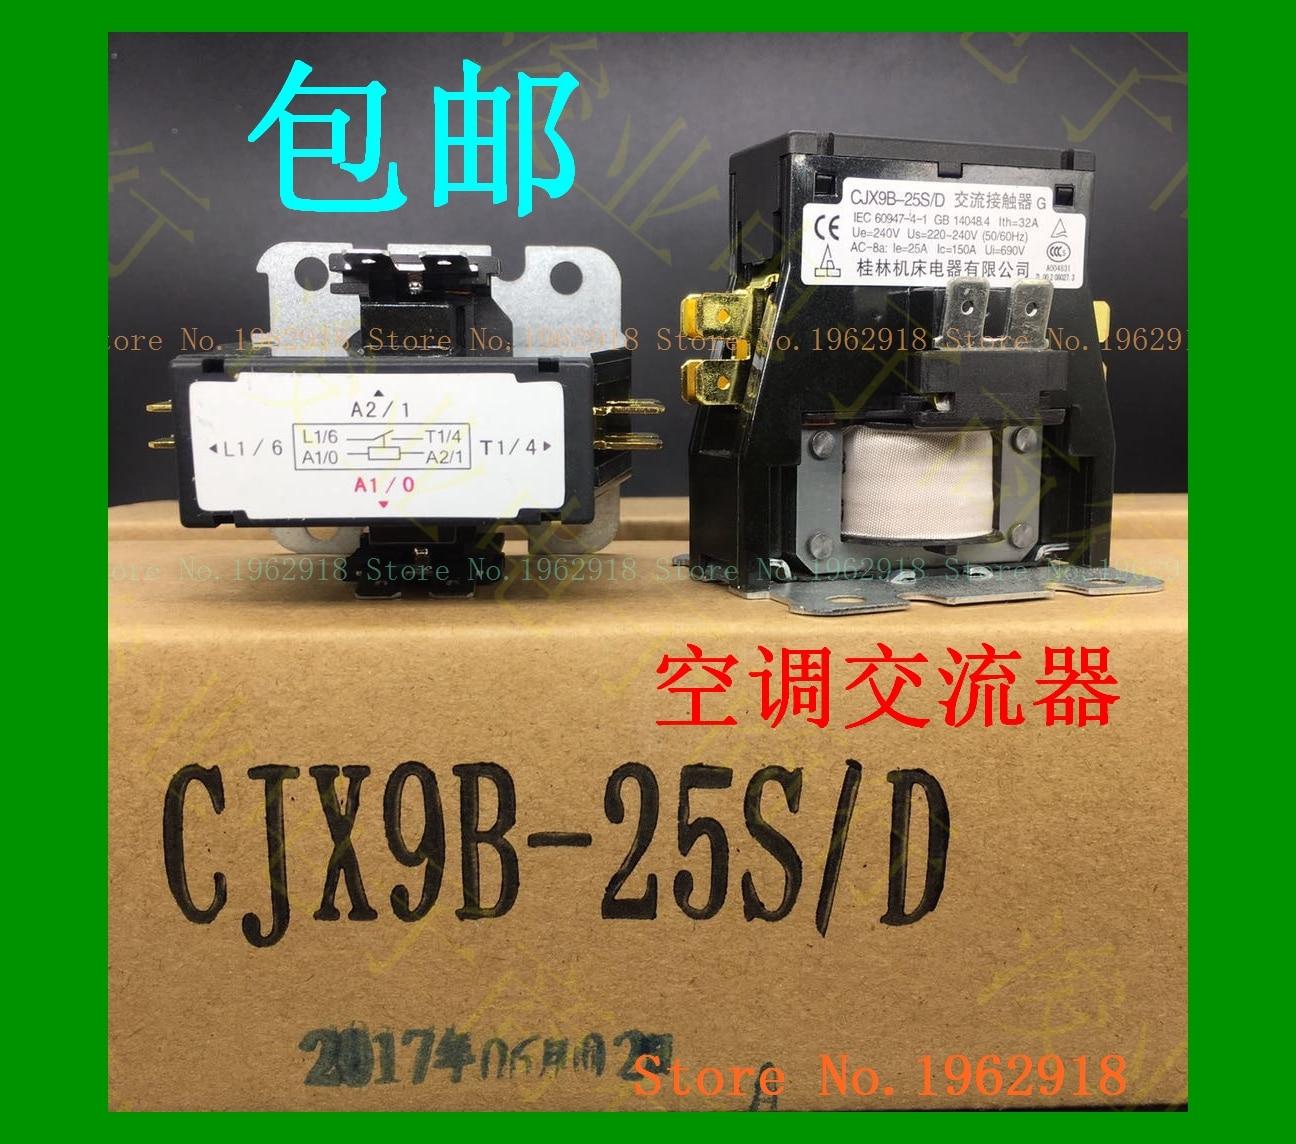 CJX9B-25S/D 32A220V 2P3P